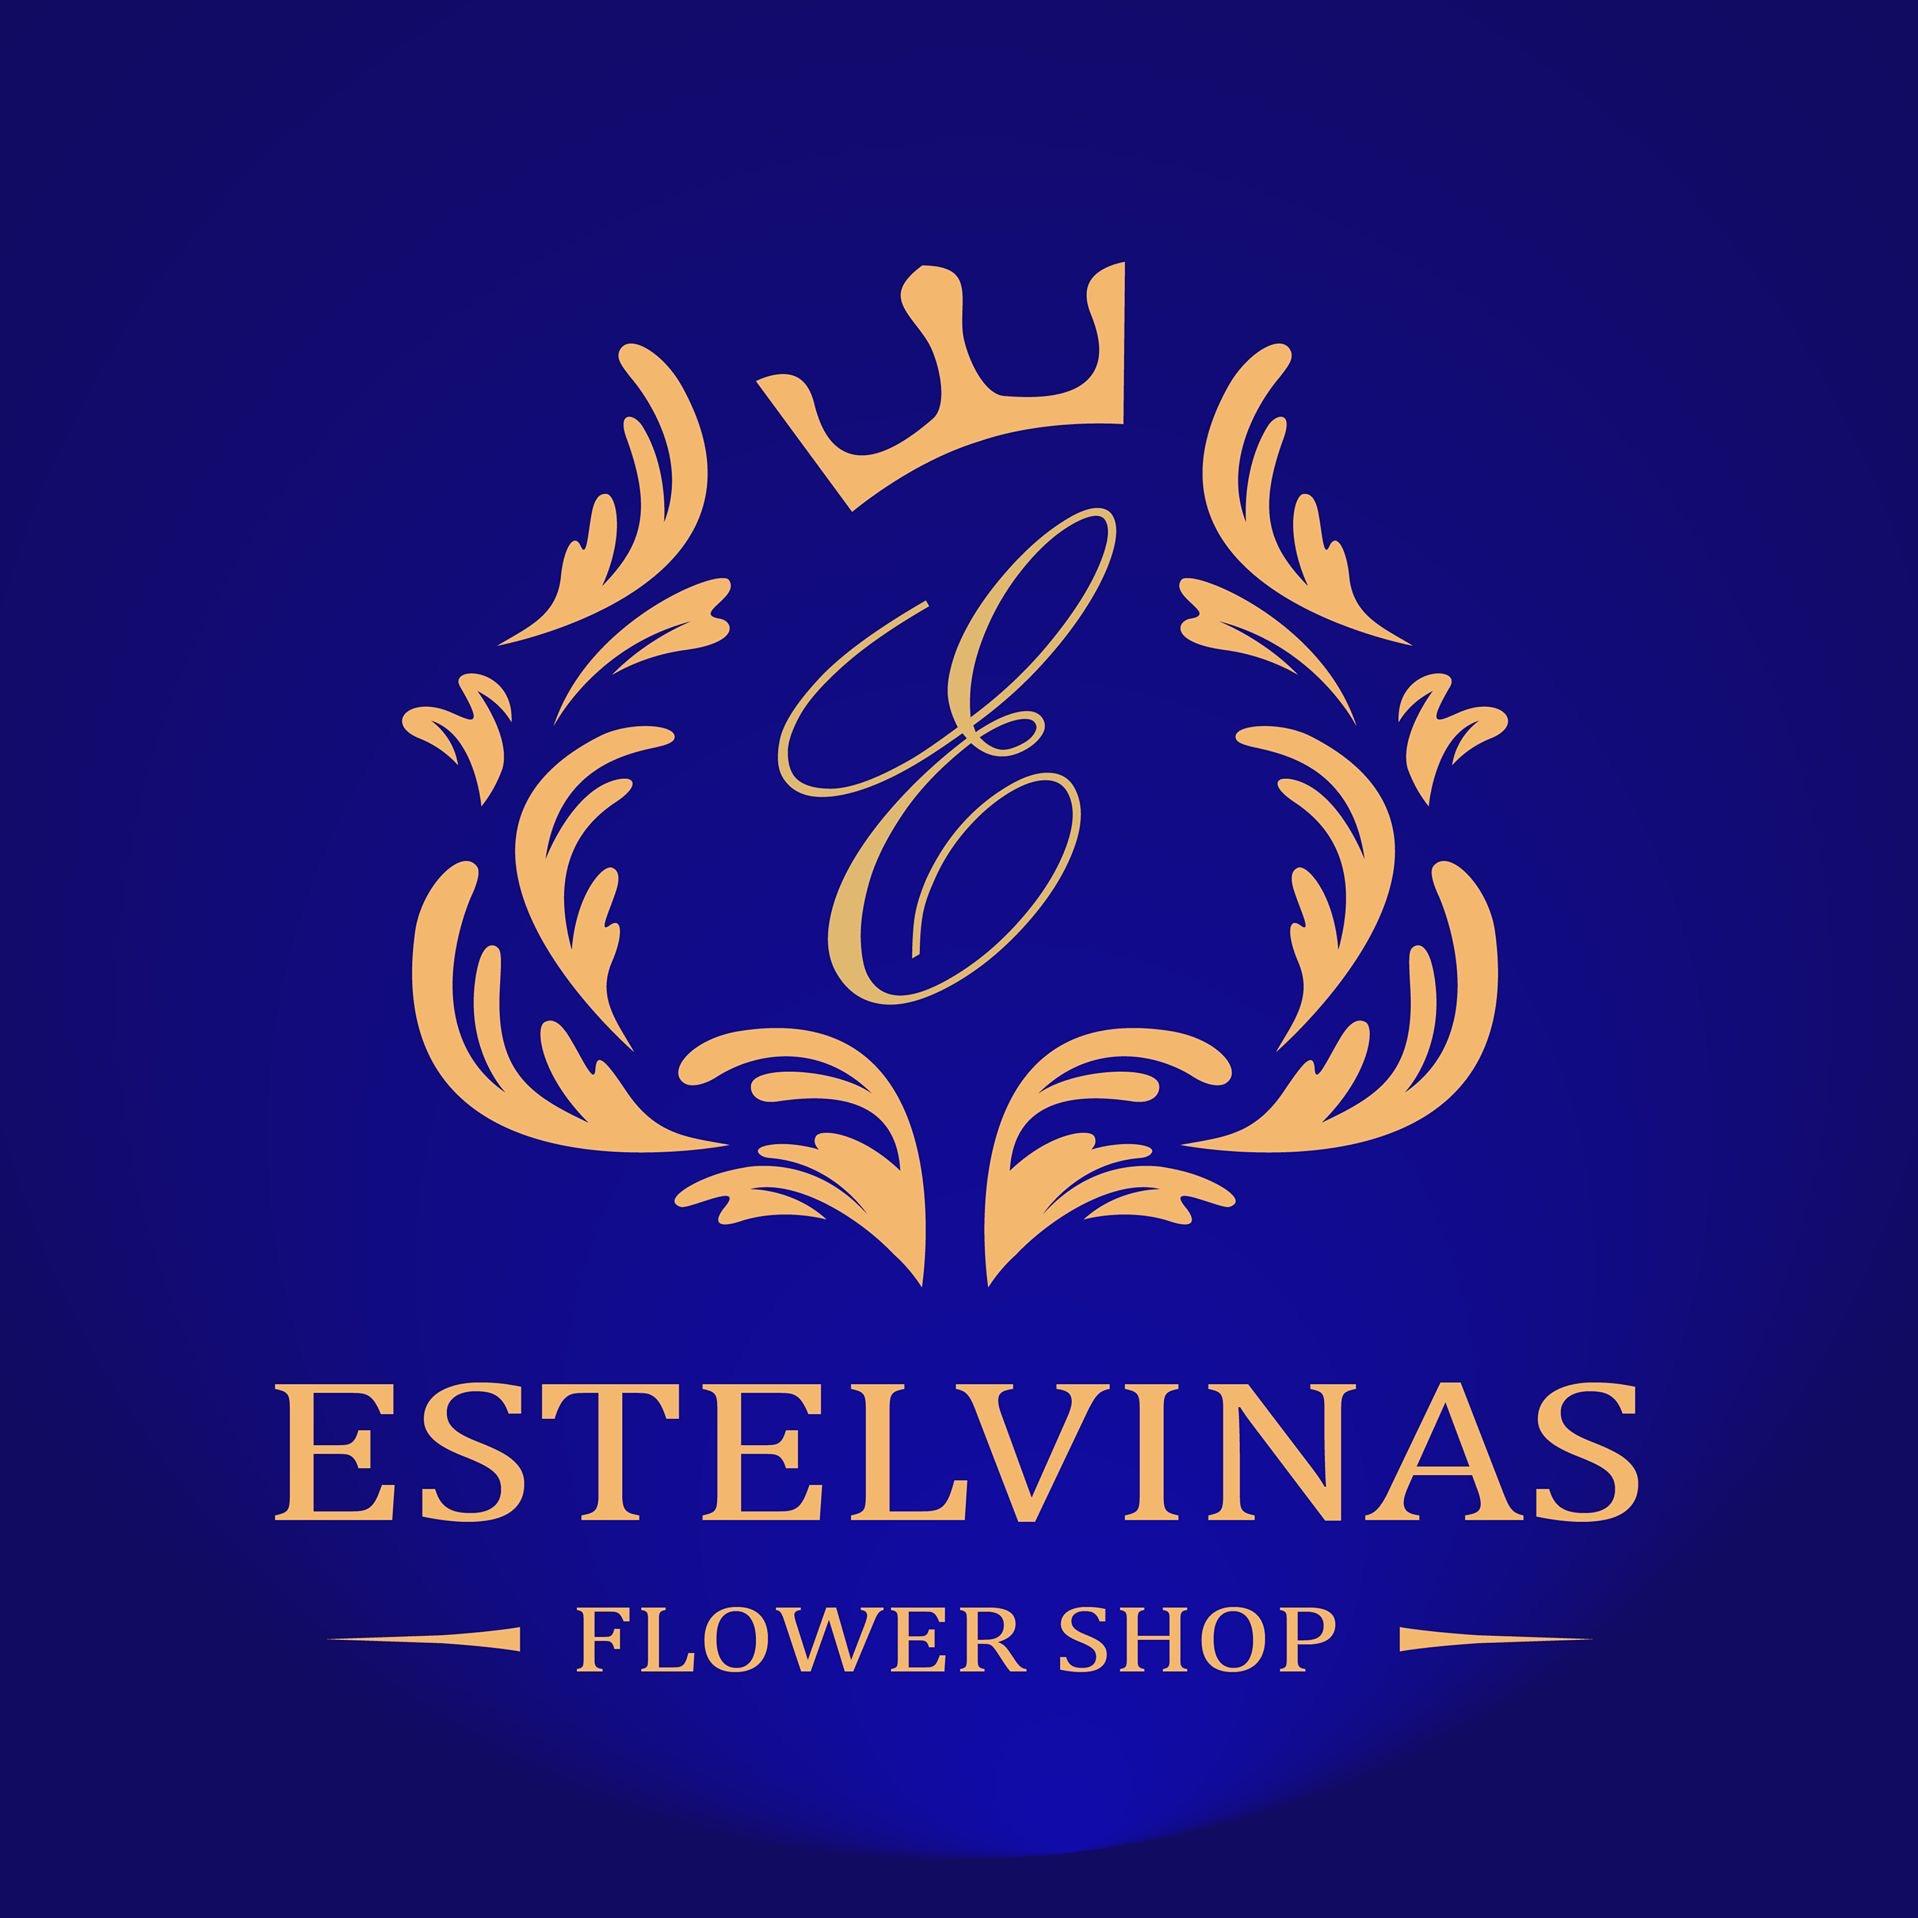 Floristeria Estelvina